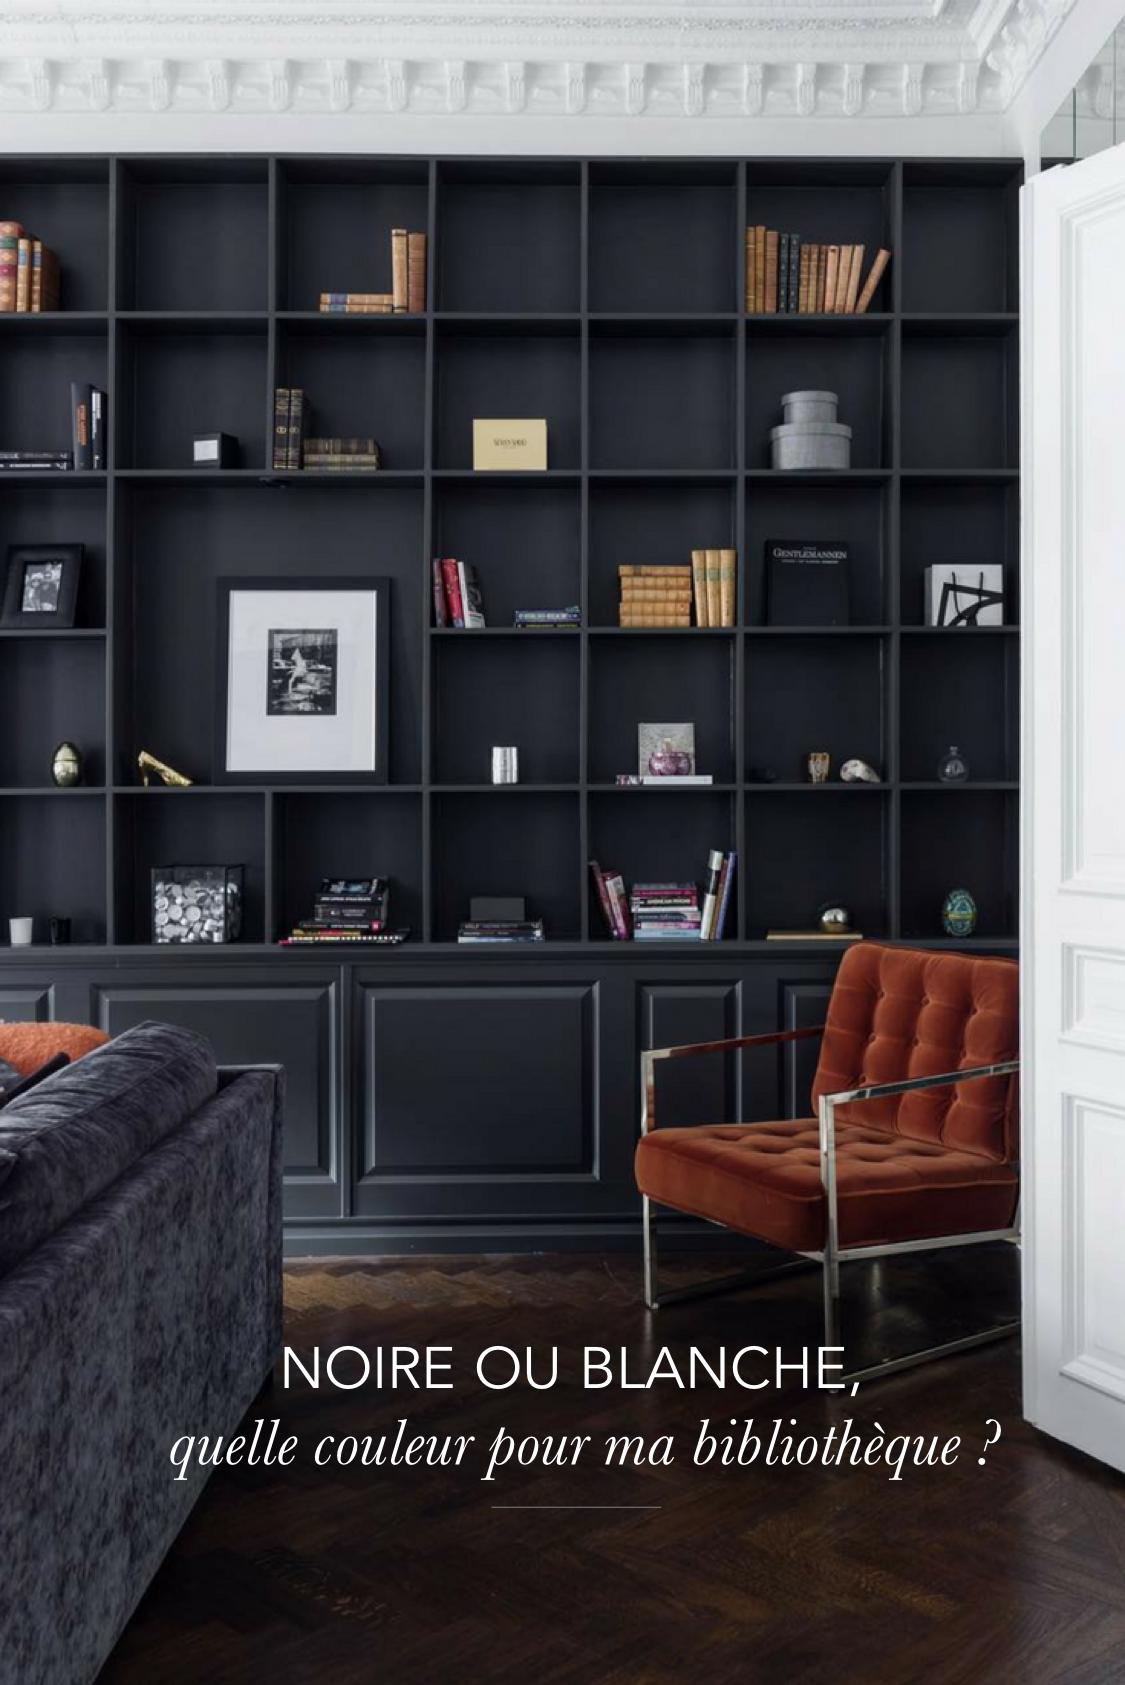 am nager une biblioth que murale dans son salon quelle couleur choisir bureau pinterest. Black Bedroom Furniture Sets. Home Design Ideas